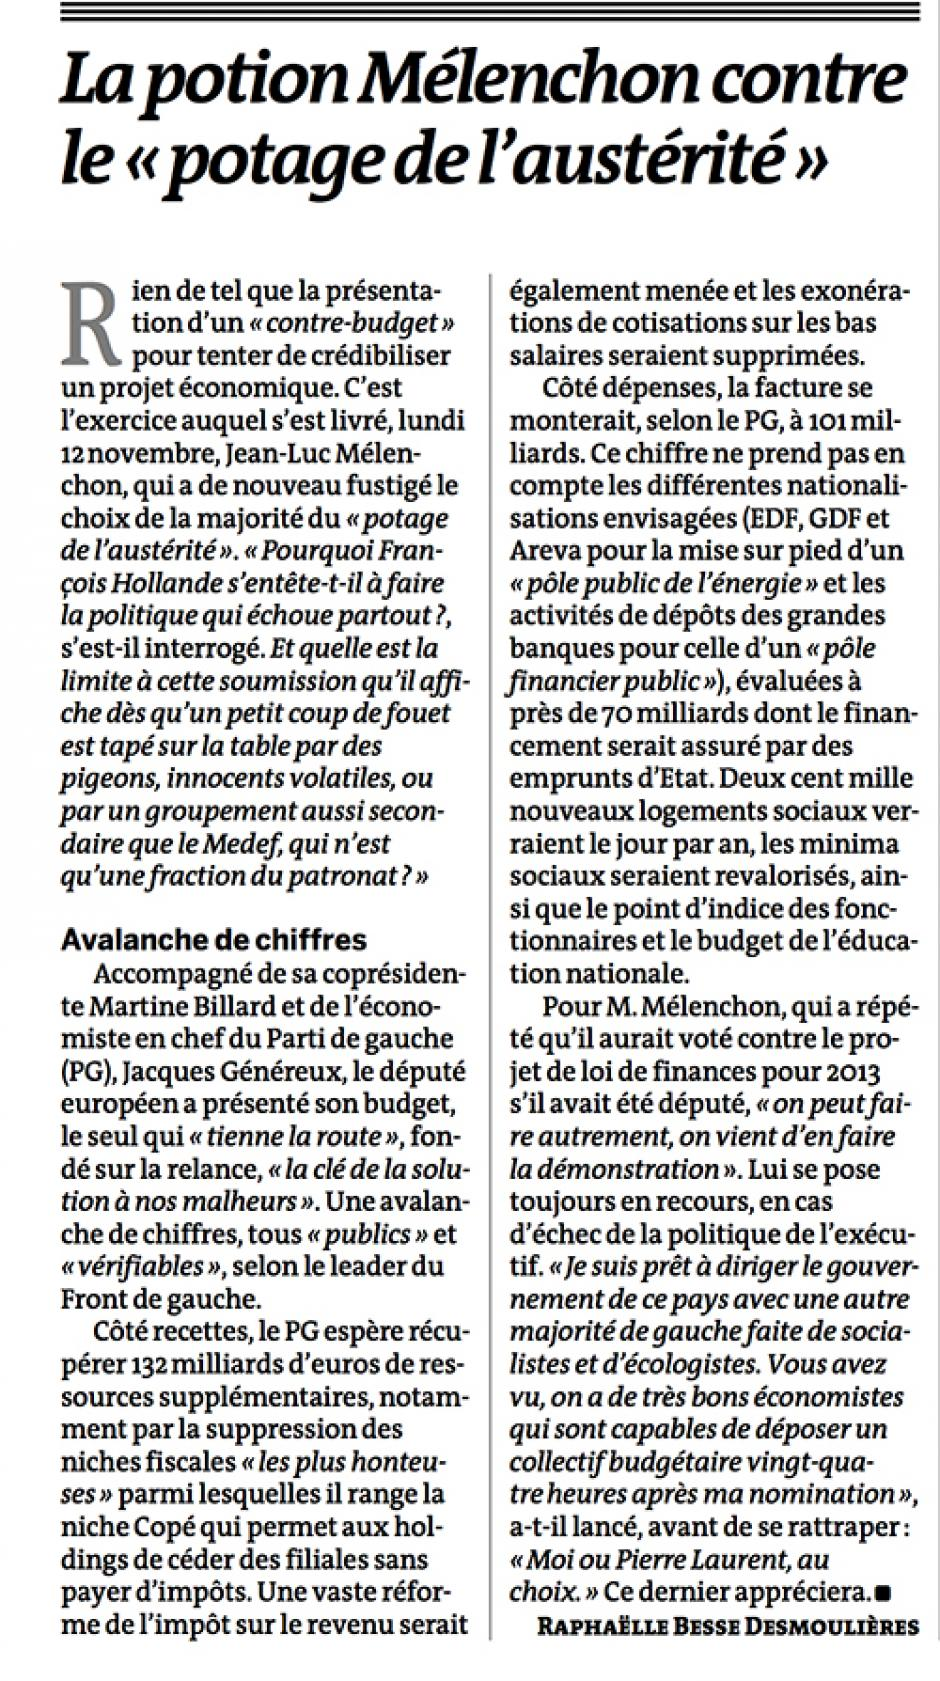 20121114-Le Monde-La potion Mélenchon contre le « potage de l'austérité »